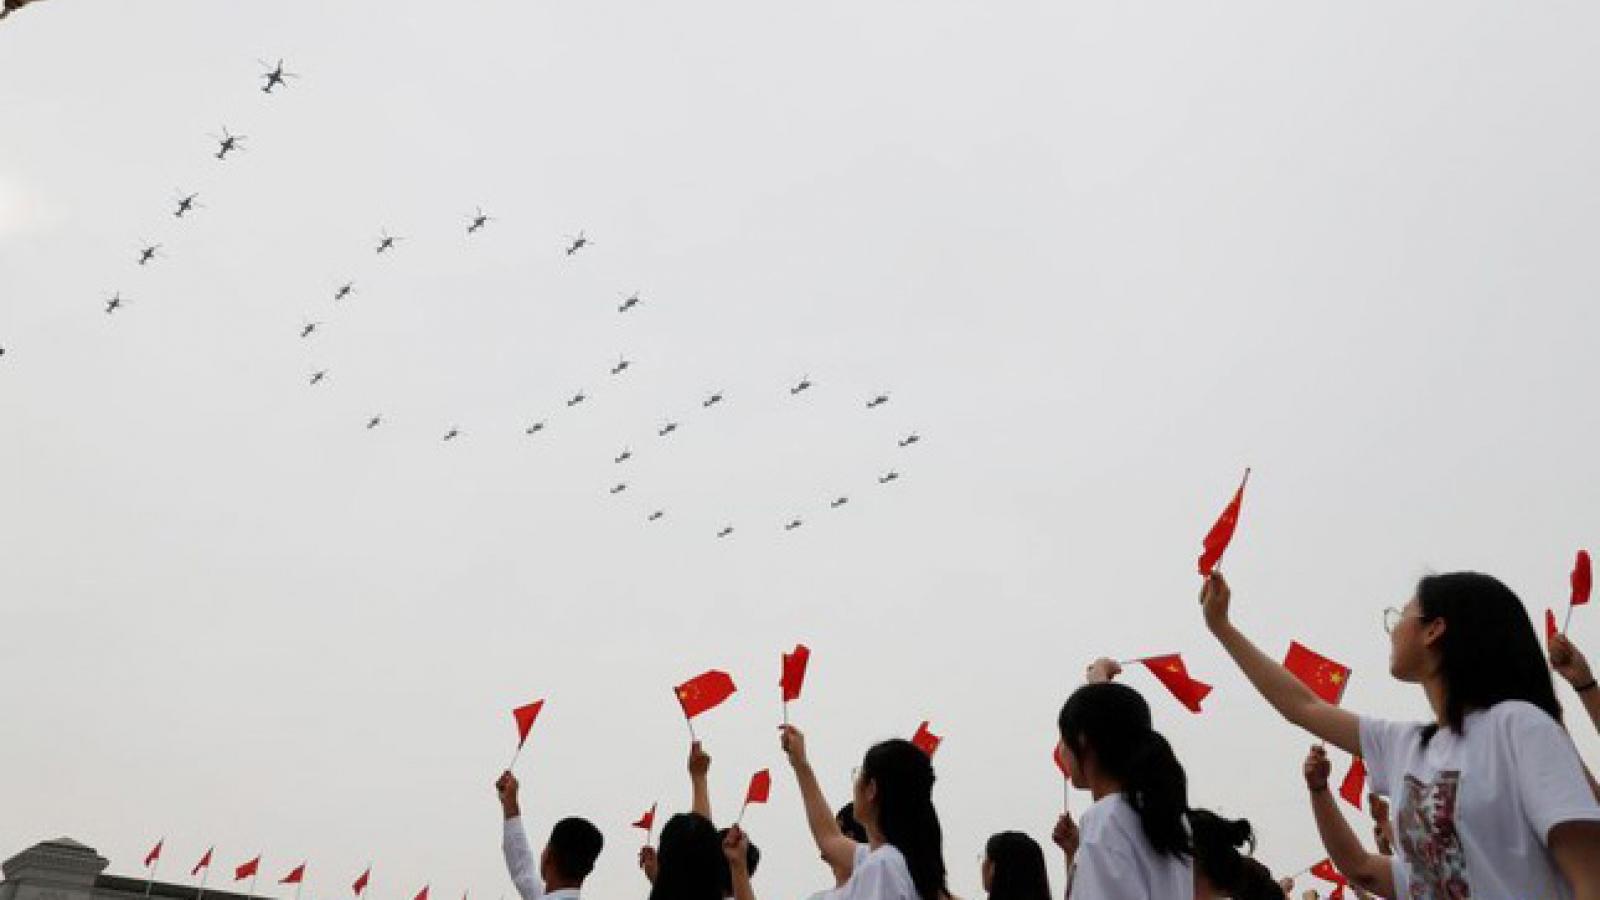 Dàn chiến cơ và trực thăng tại lễ kỷ niệm 100 năm thành lập Đảng Cộng sản Trung Quốc